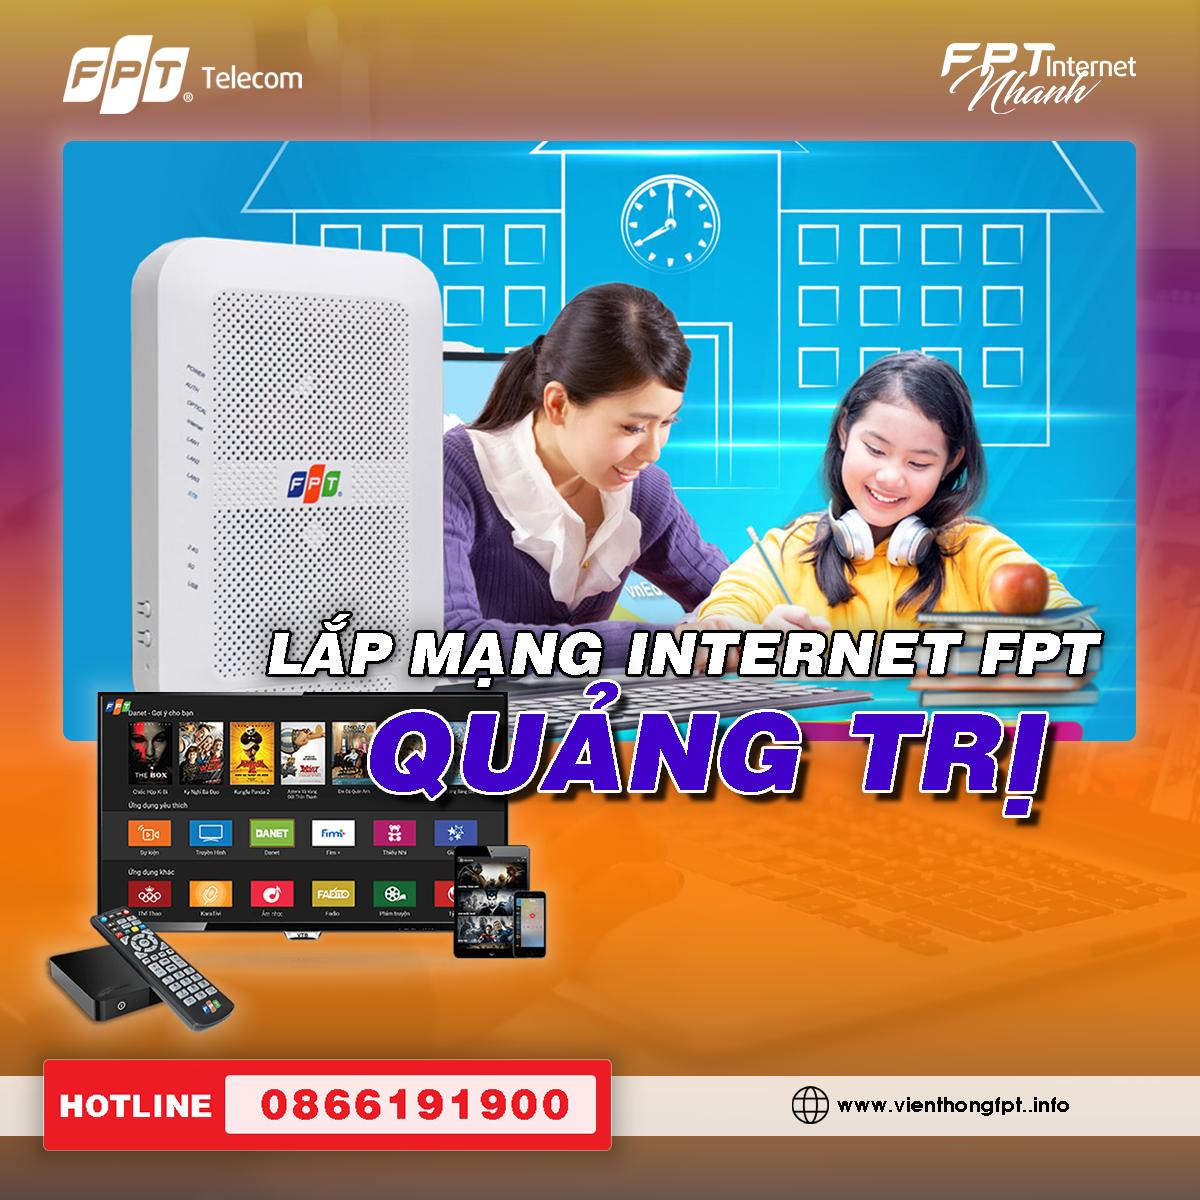 Đăng ký Internet FPT Quảng Trị - Tặng 2 tháng cước - Miễn phí Modem Wifi